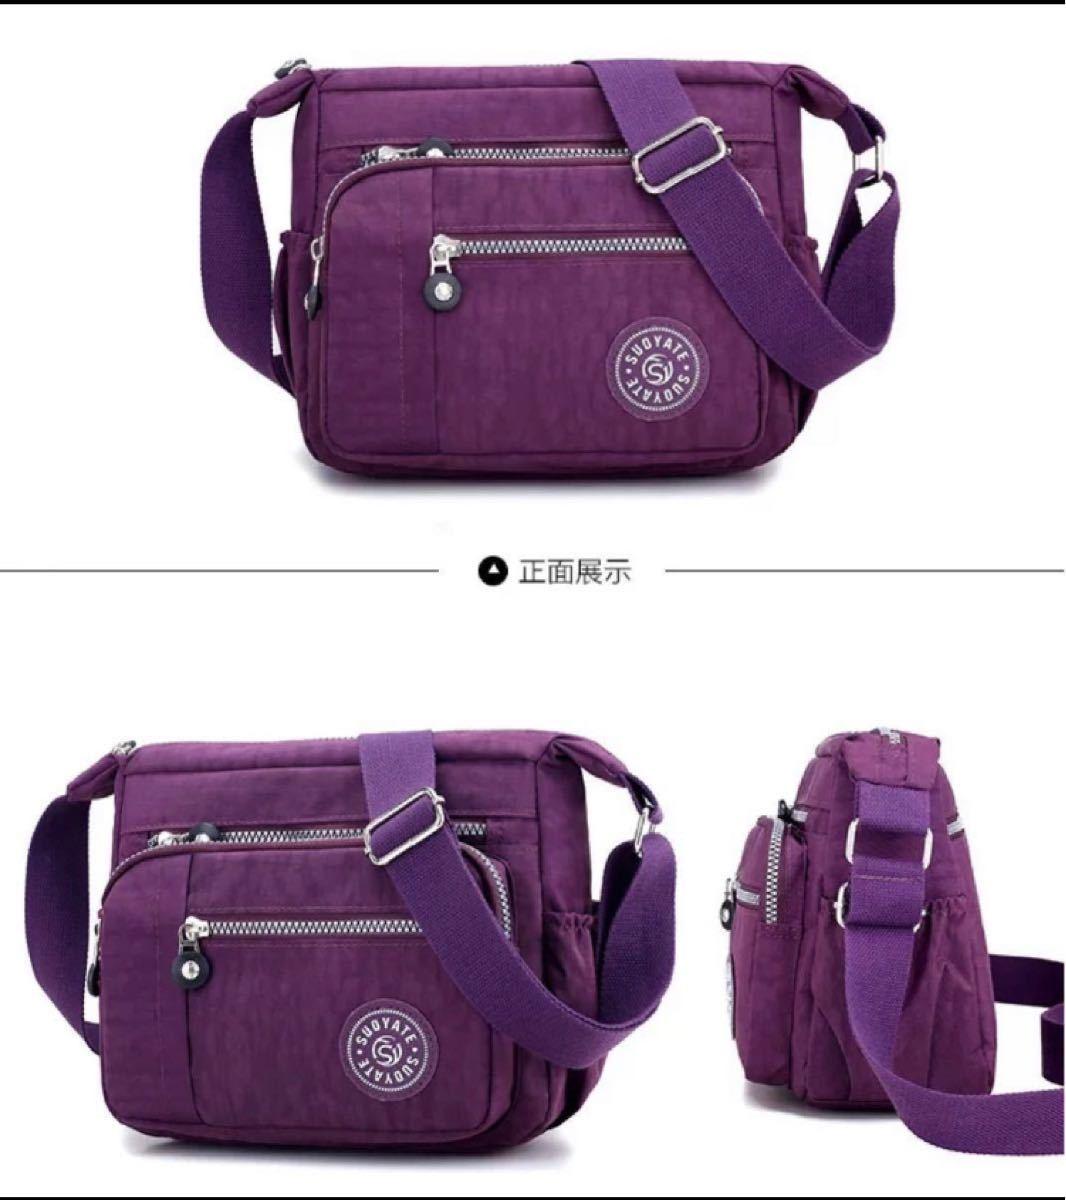 ショルダーバッグ 斜めがけ 黒 ボディーバッグ レディースバッグ iPad 斜めがけバッグ 旅行バッグ  軽量 マザーズバッグ